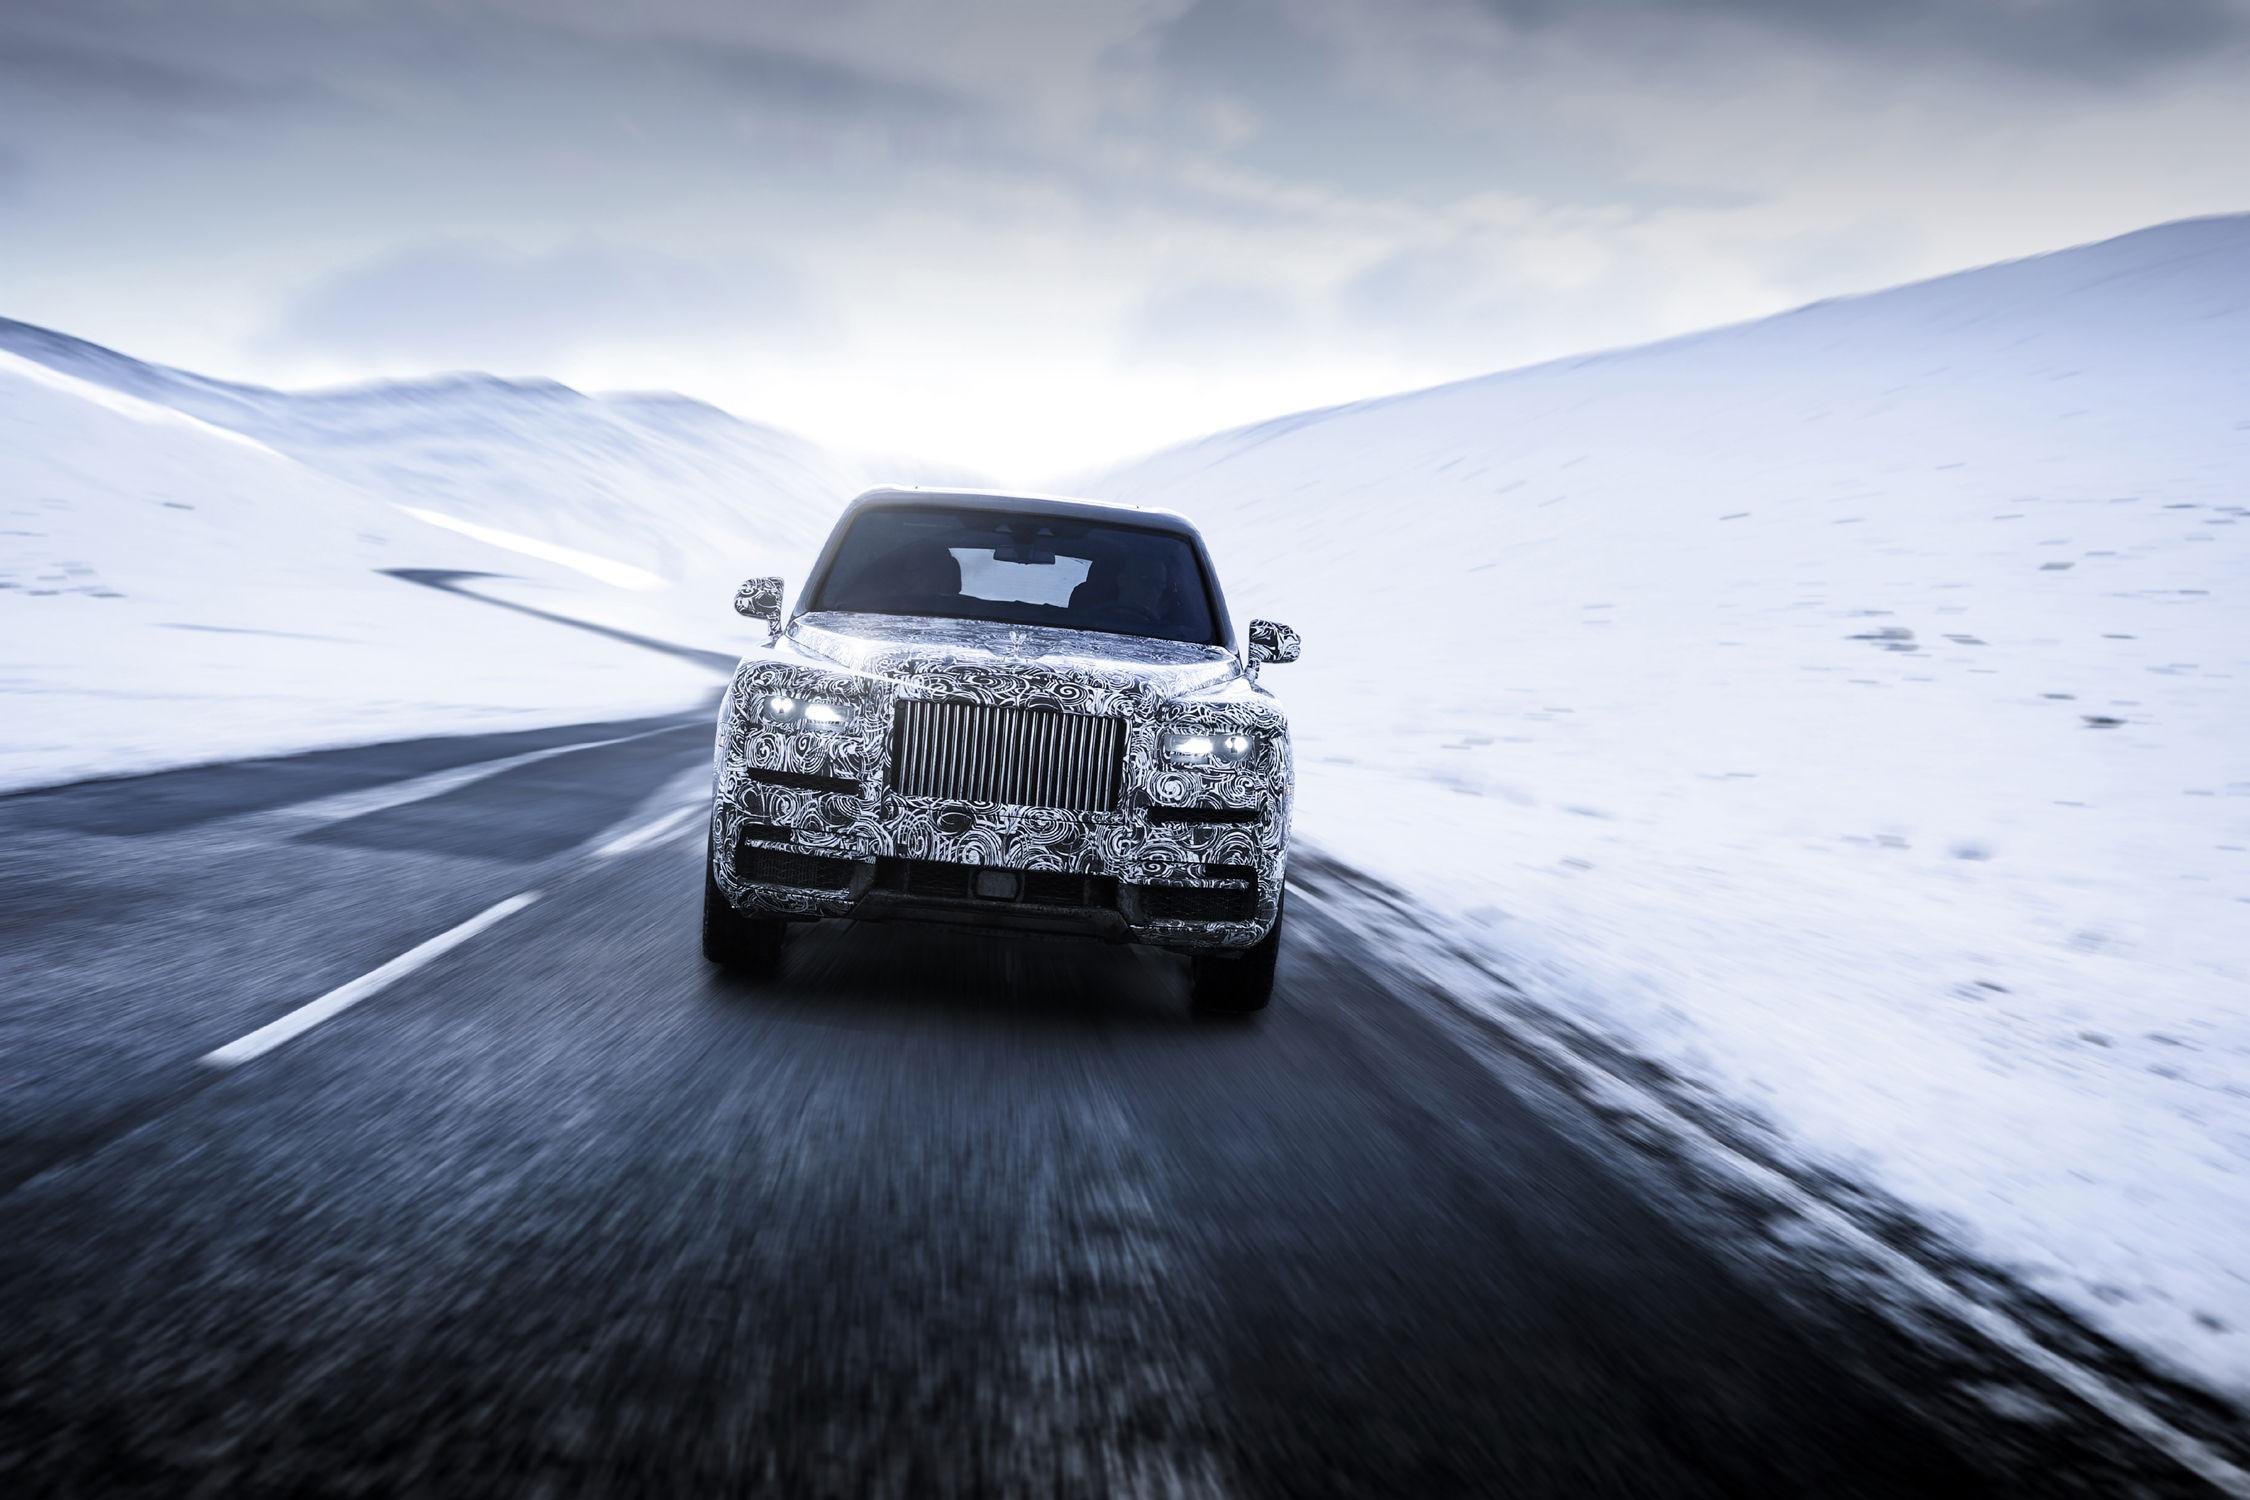 Le SUV s'appellera bien Cullinan — Rolls-Royce